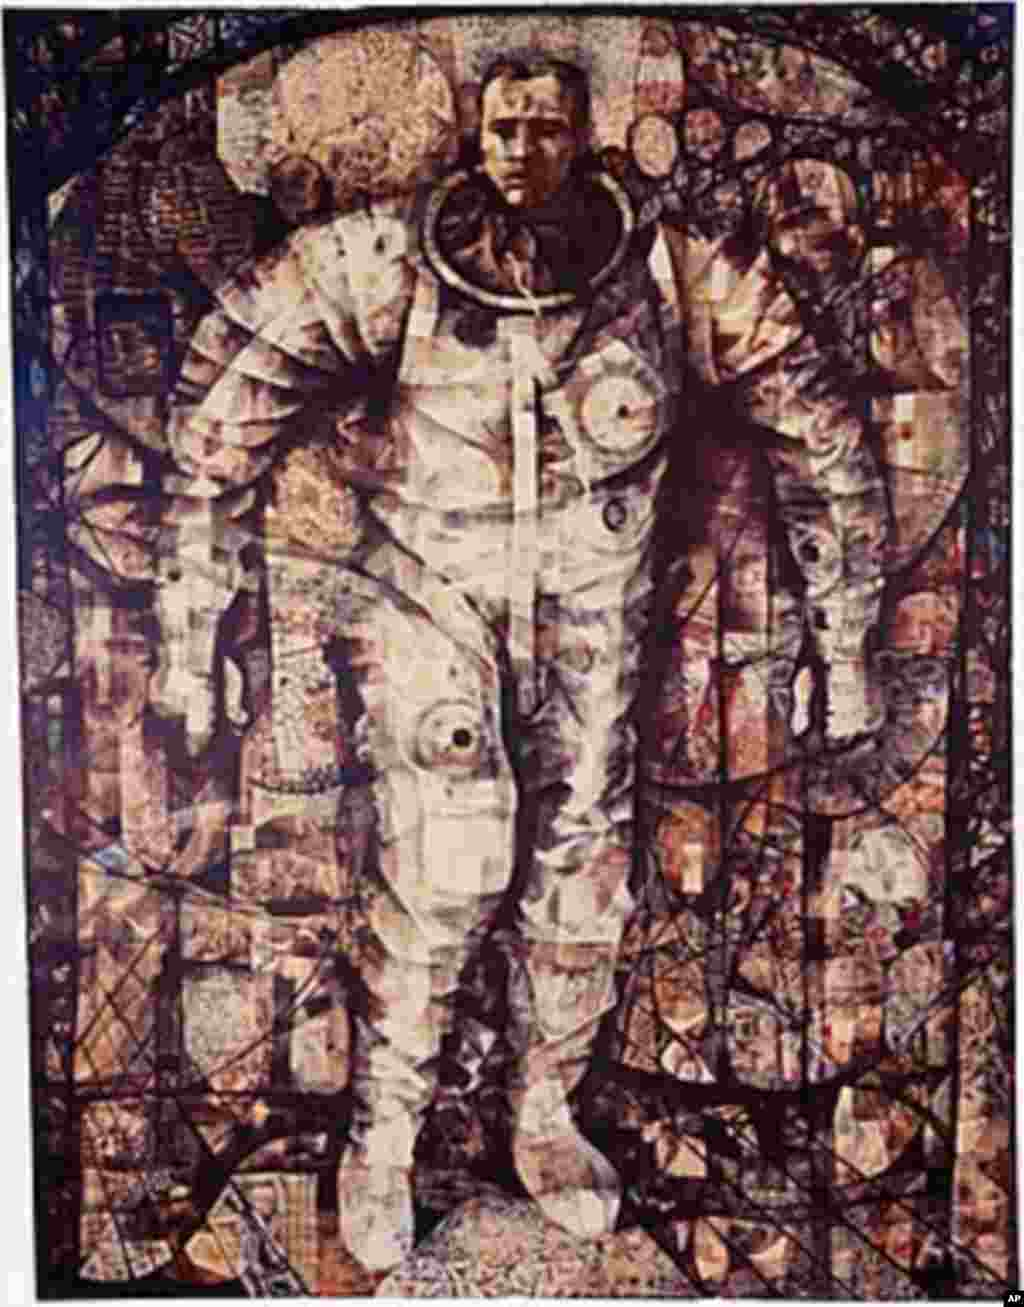 美国太空工程师戈登.库柏(Gordon Cooper)在环绕地球轨道22圈之后跨出水星航天飞机的时刻。